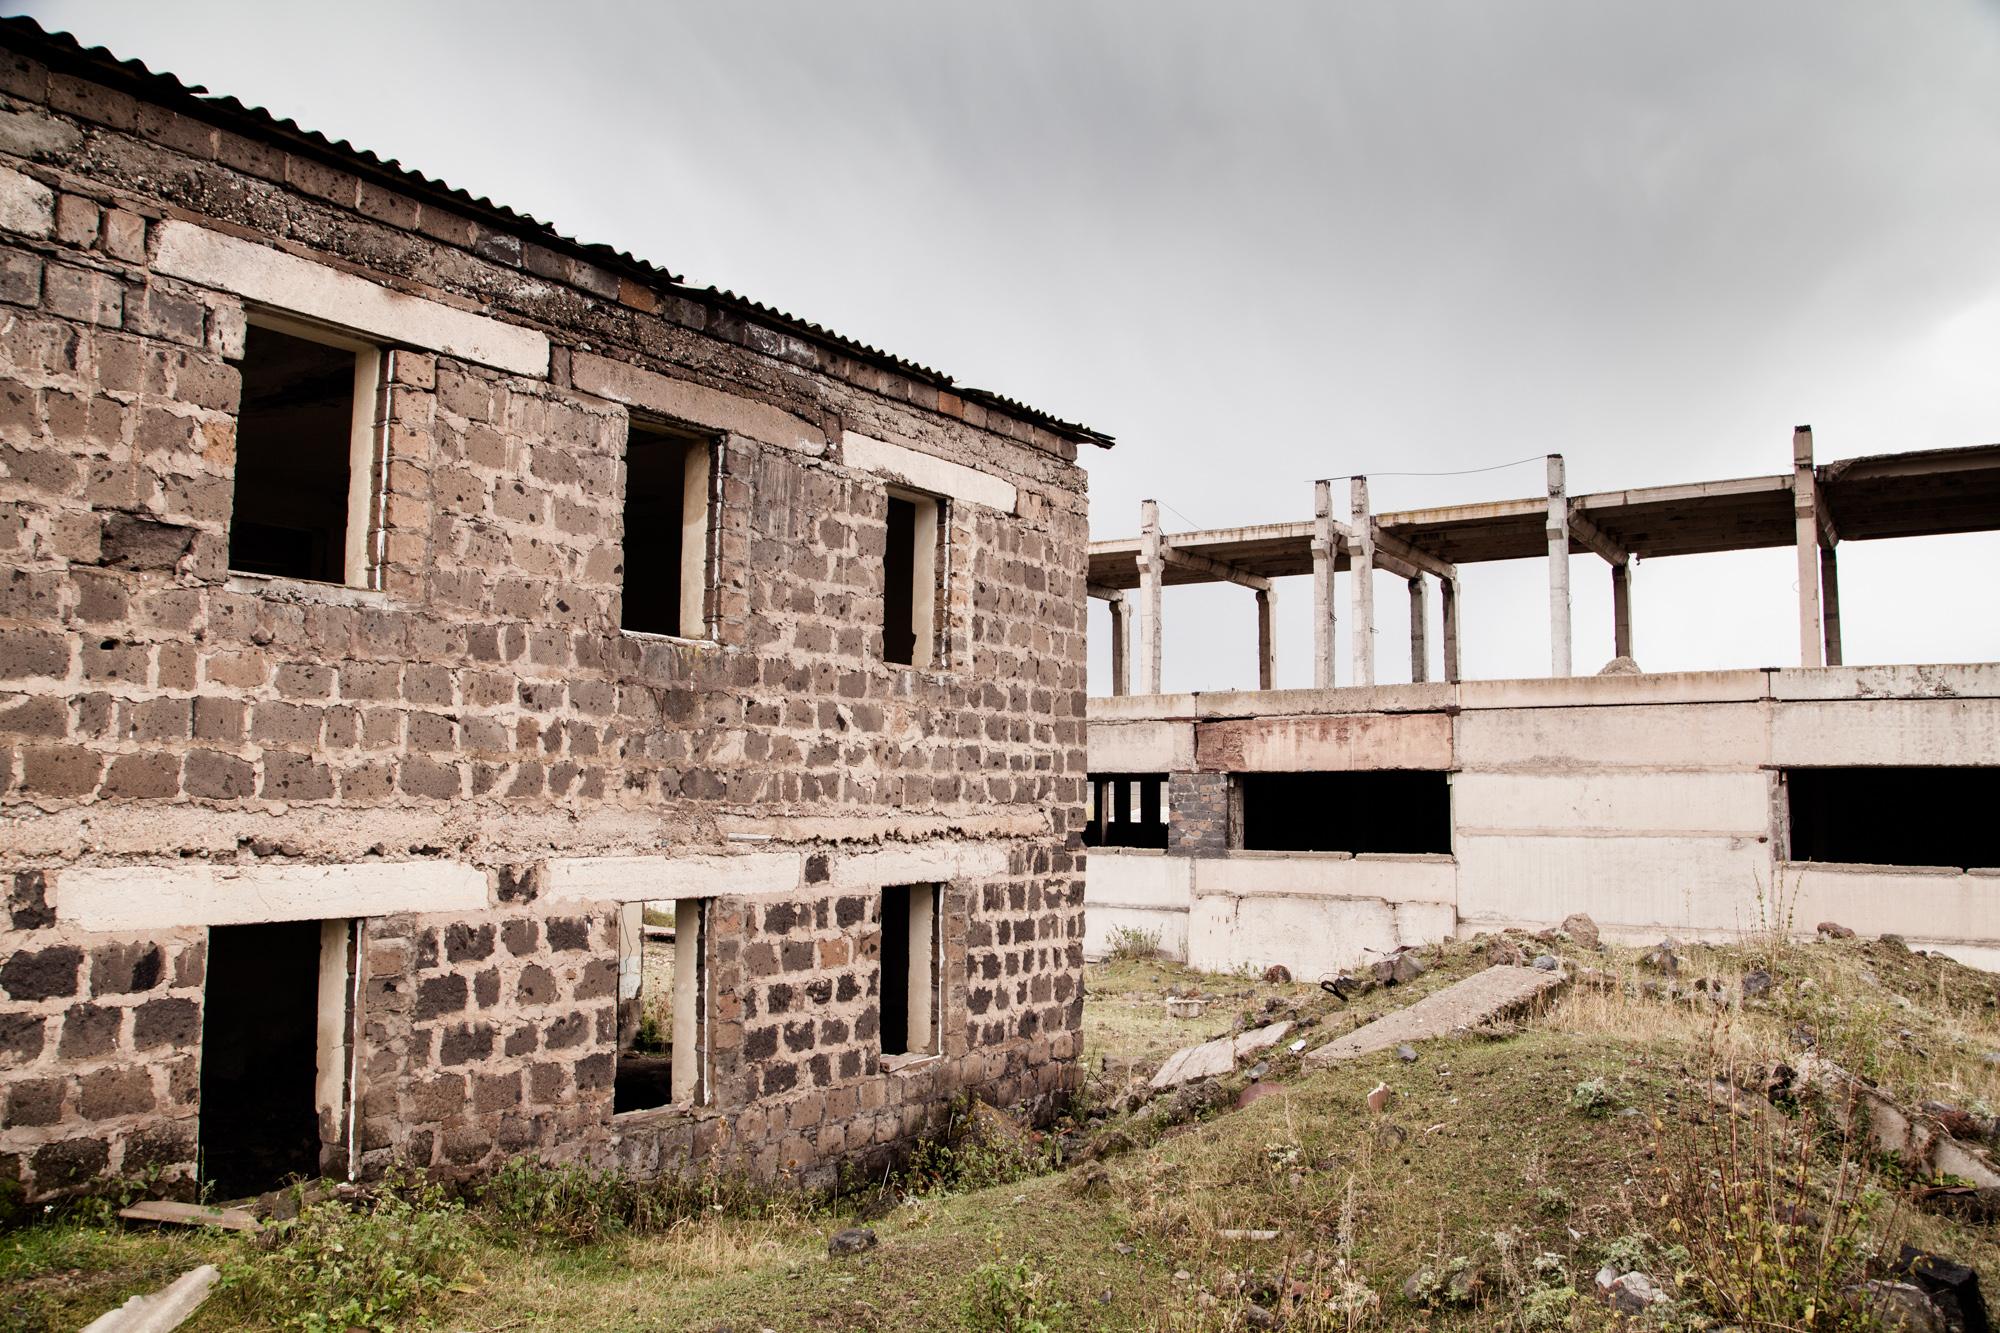 À Ashotsk, dans une usine désaffectée.  Extraits du webdocumentaire   Ashotsk, aux confins de l'Arménie  .